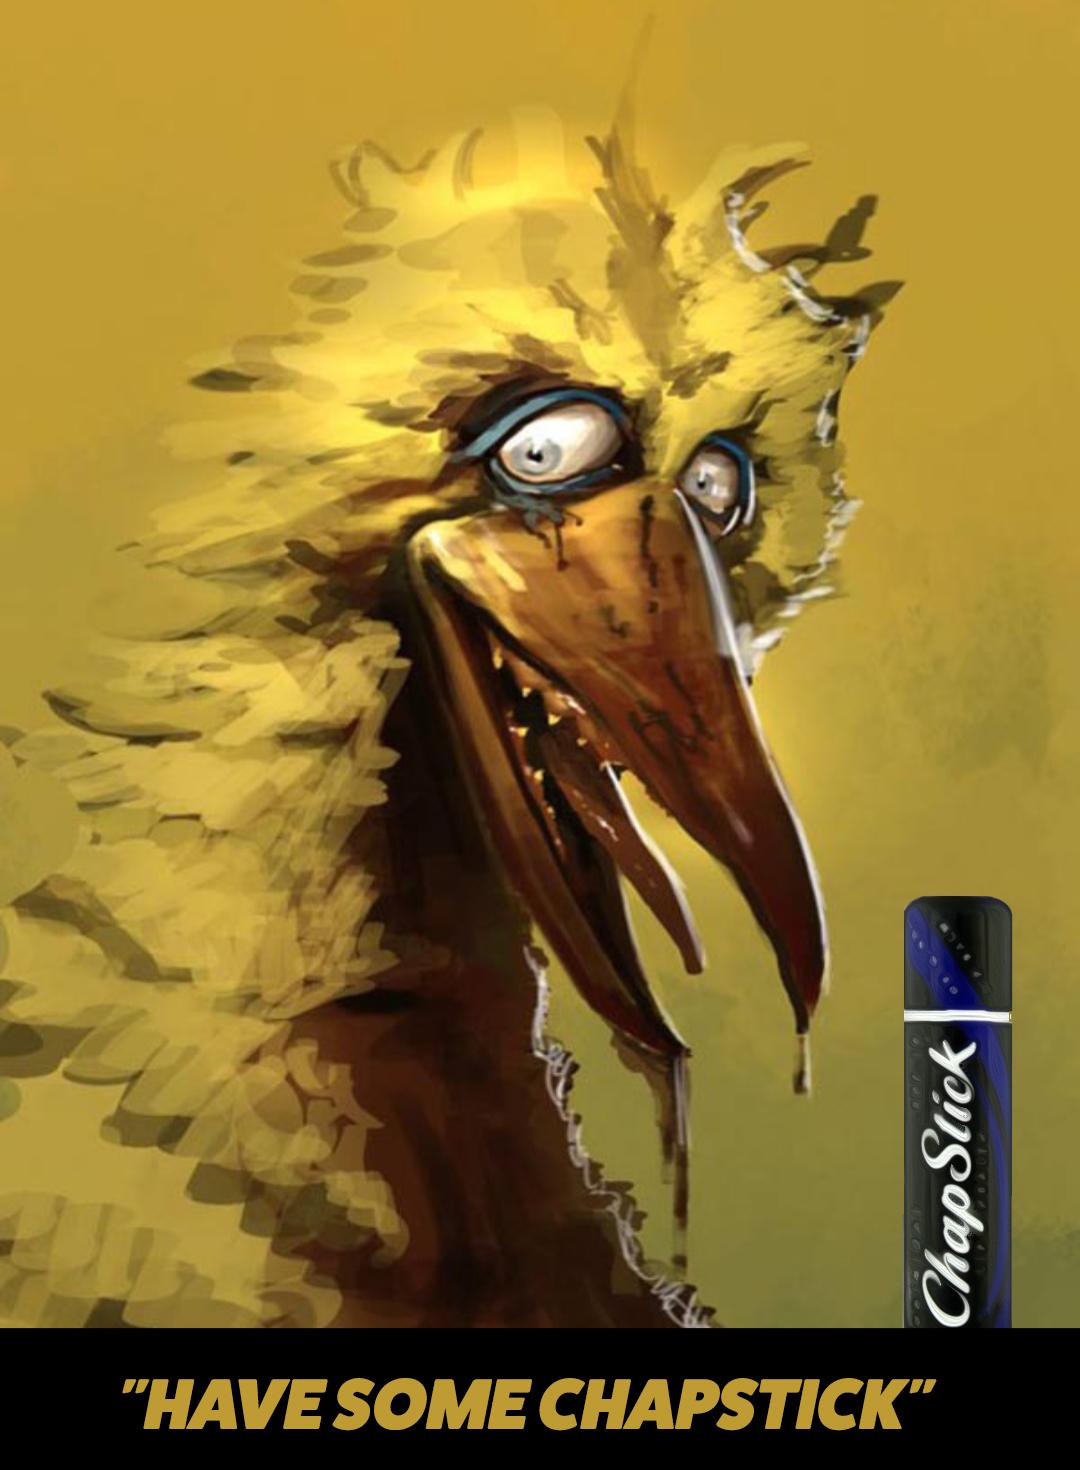 creepy-big-bird-encounter-chapstick-paranormal-podcast